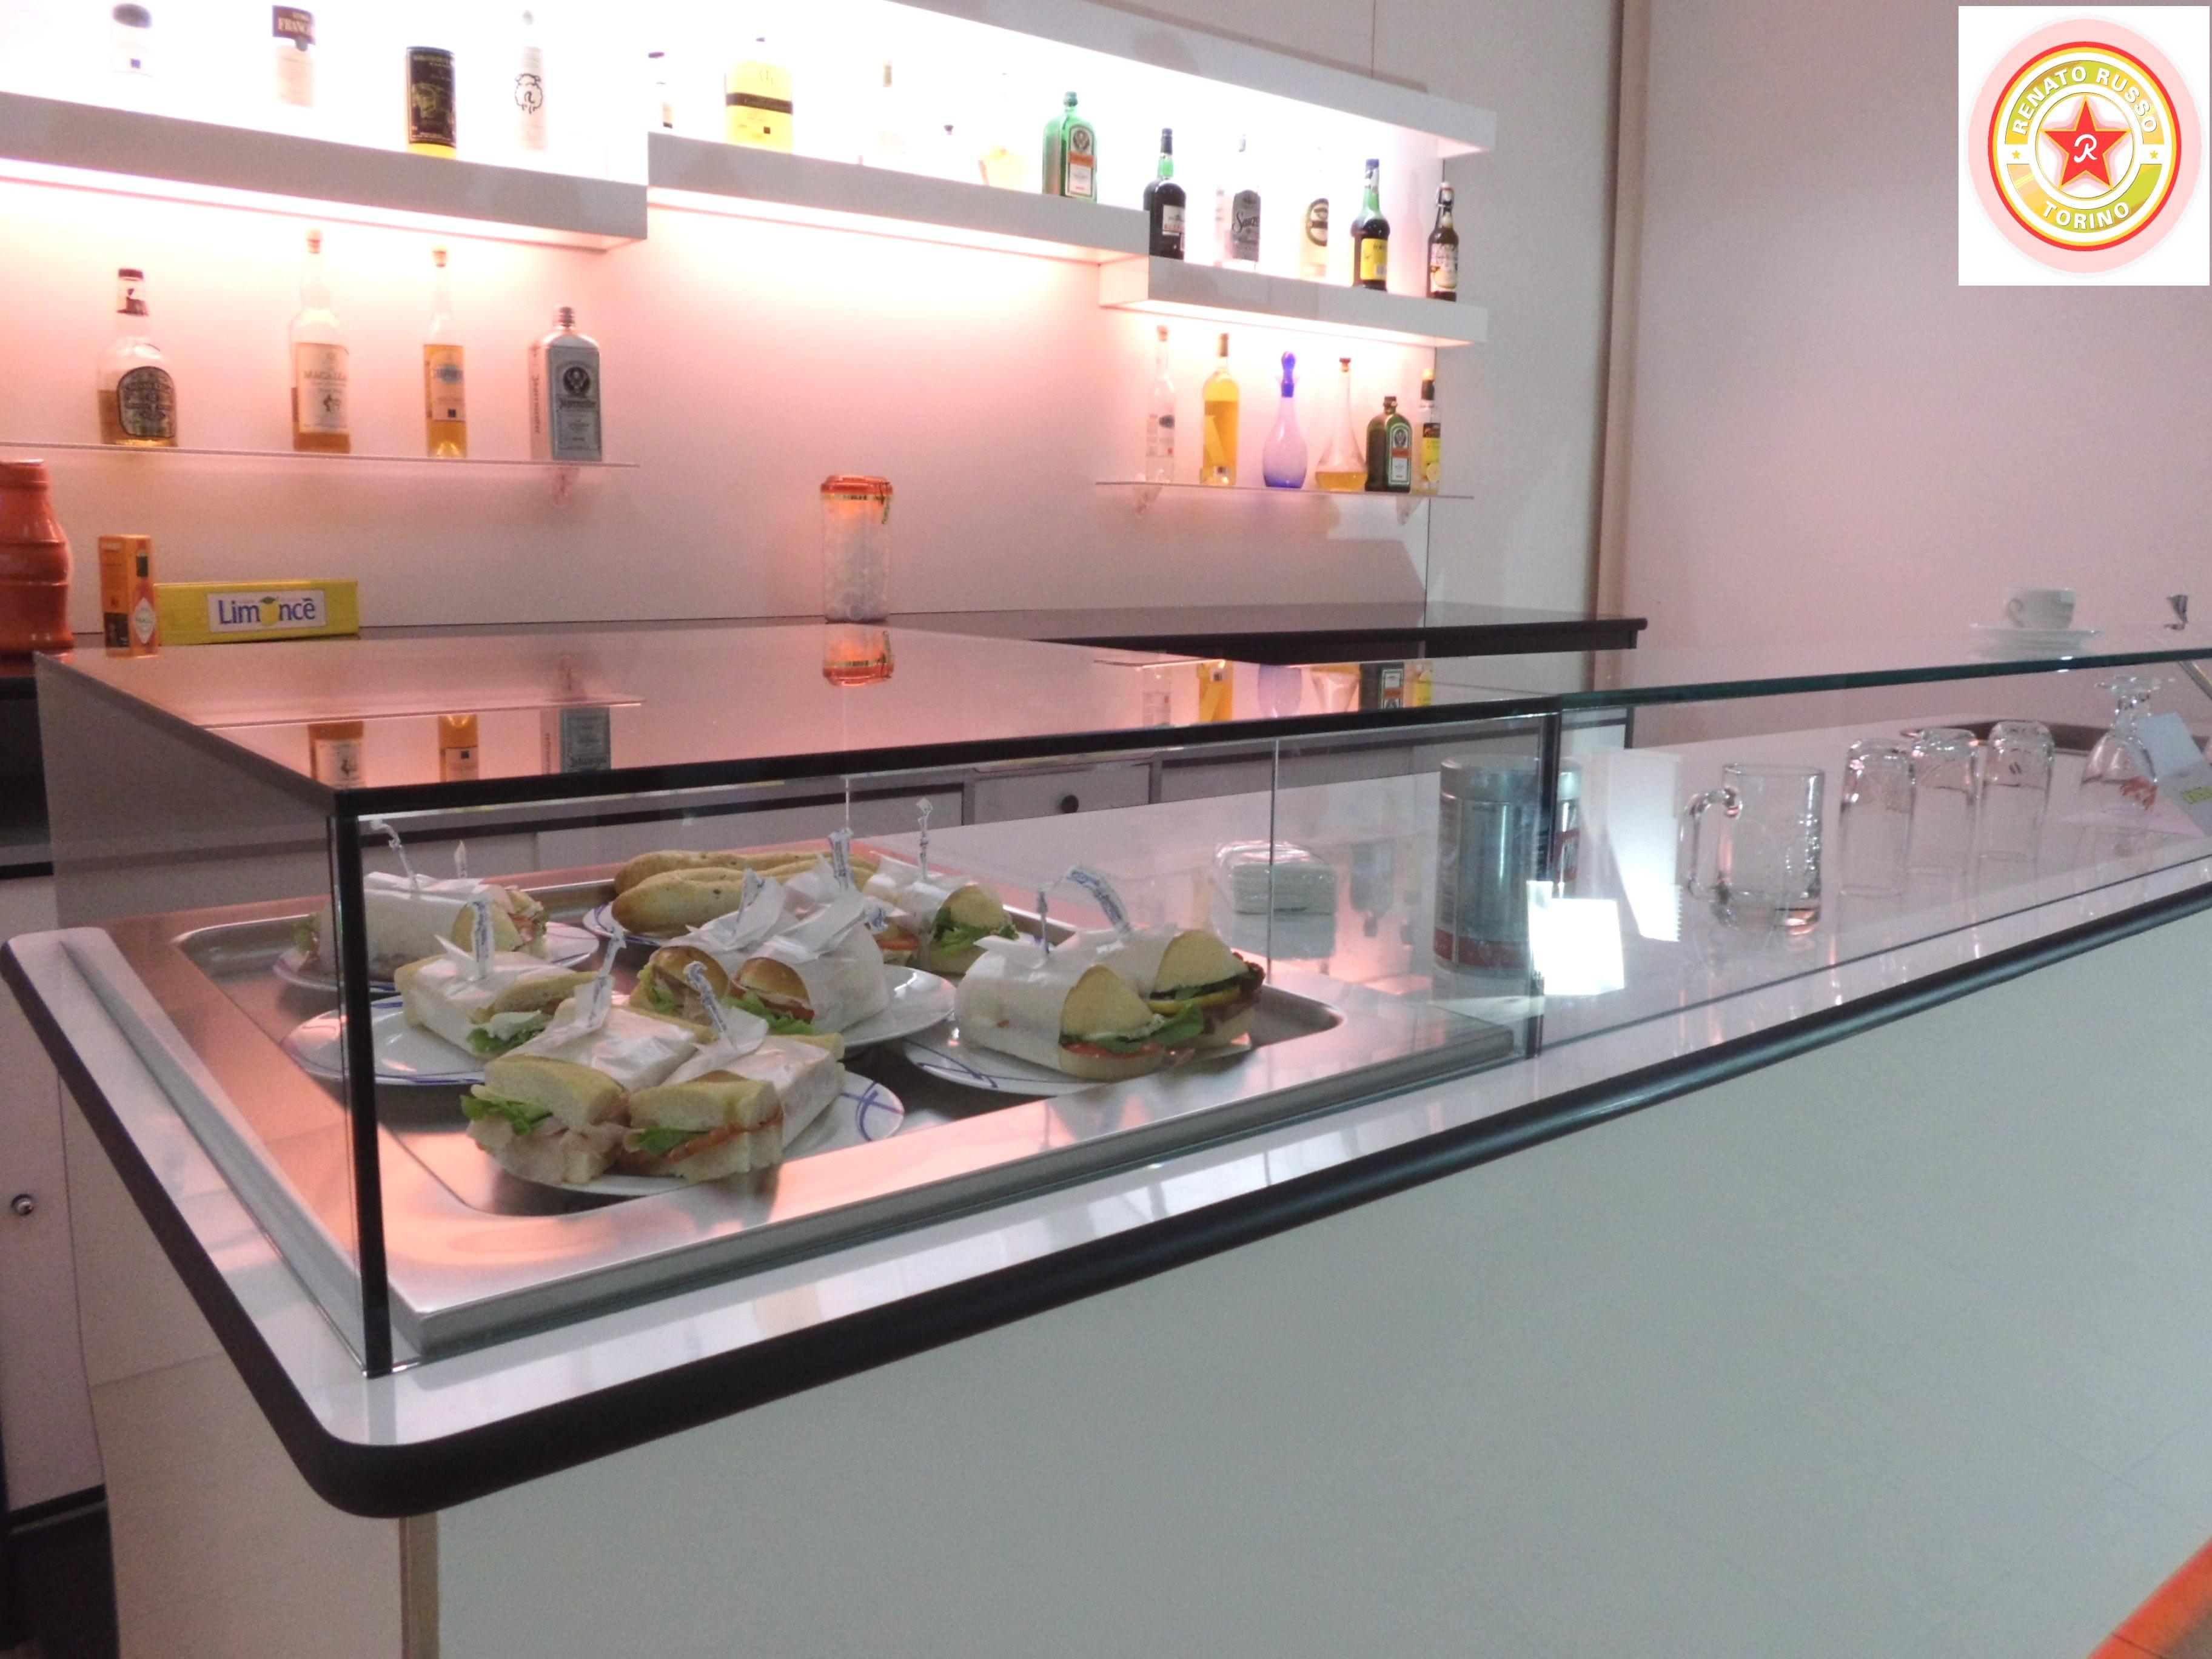 Produttori banchi bar dal 1980 renato russo torino for Banchi bar e arredamenti completi